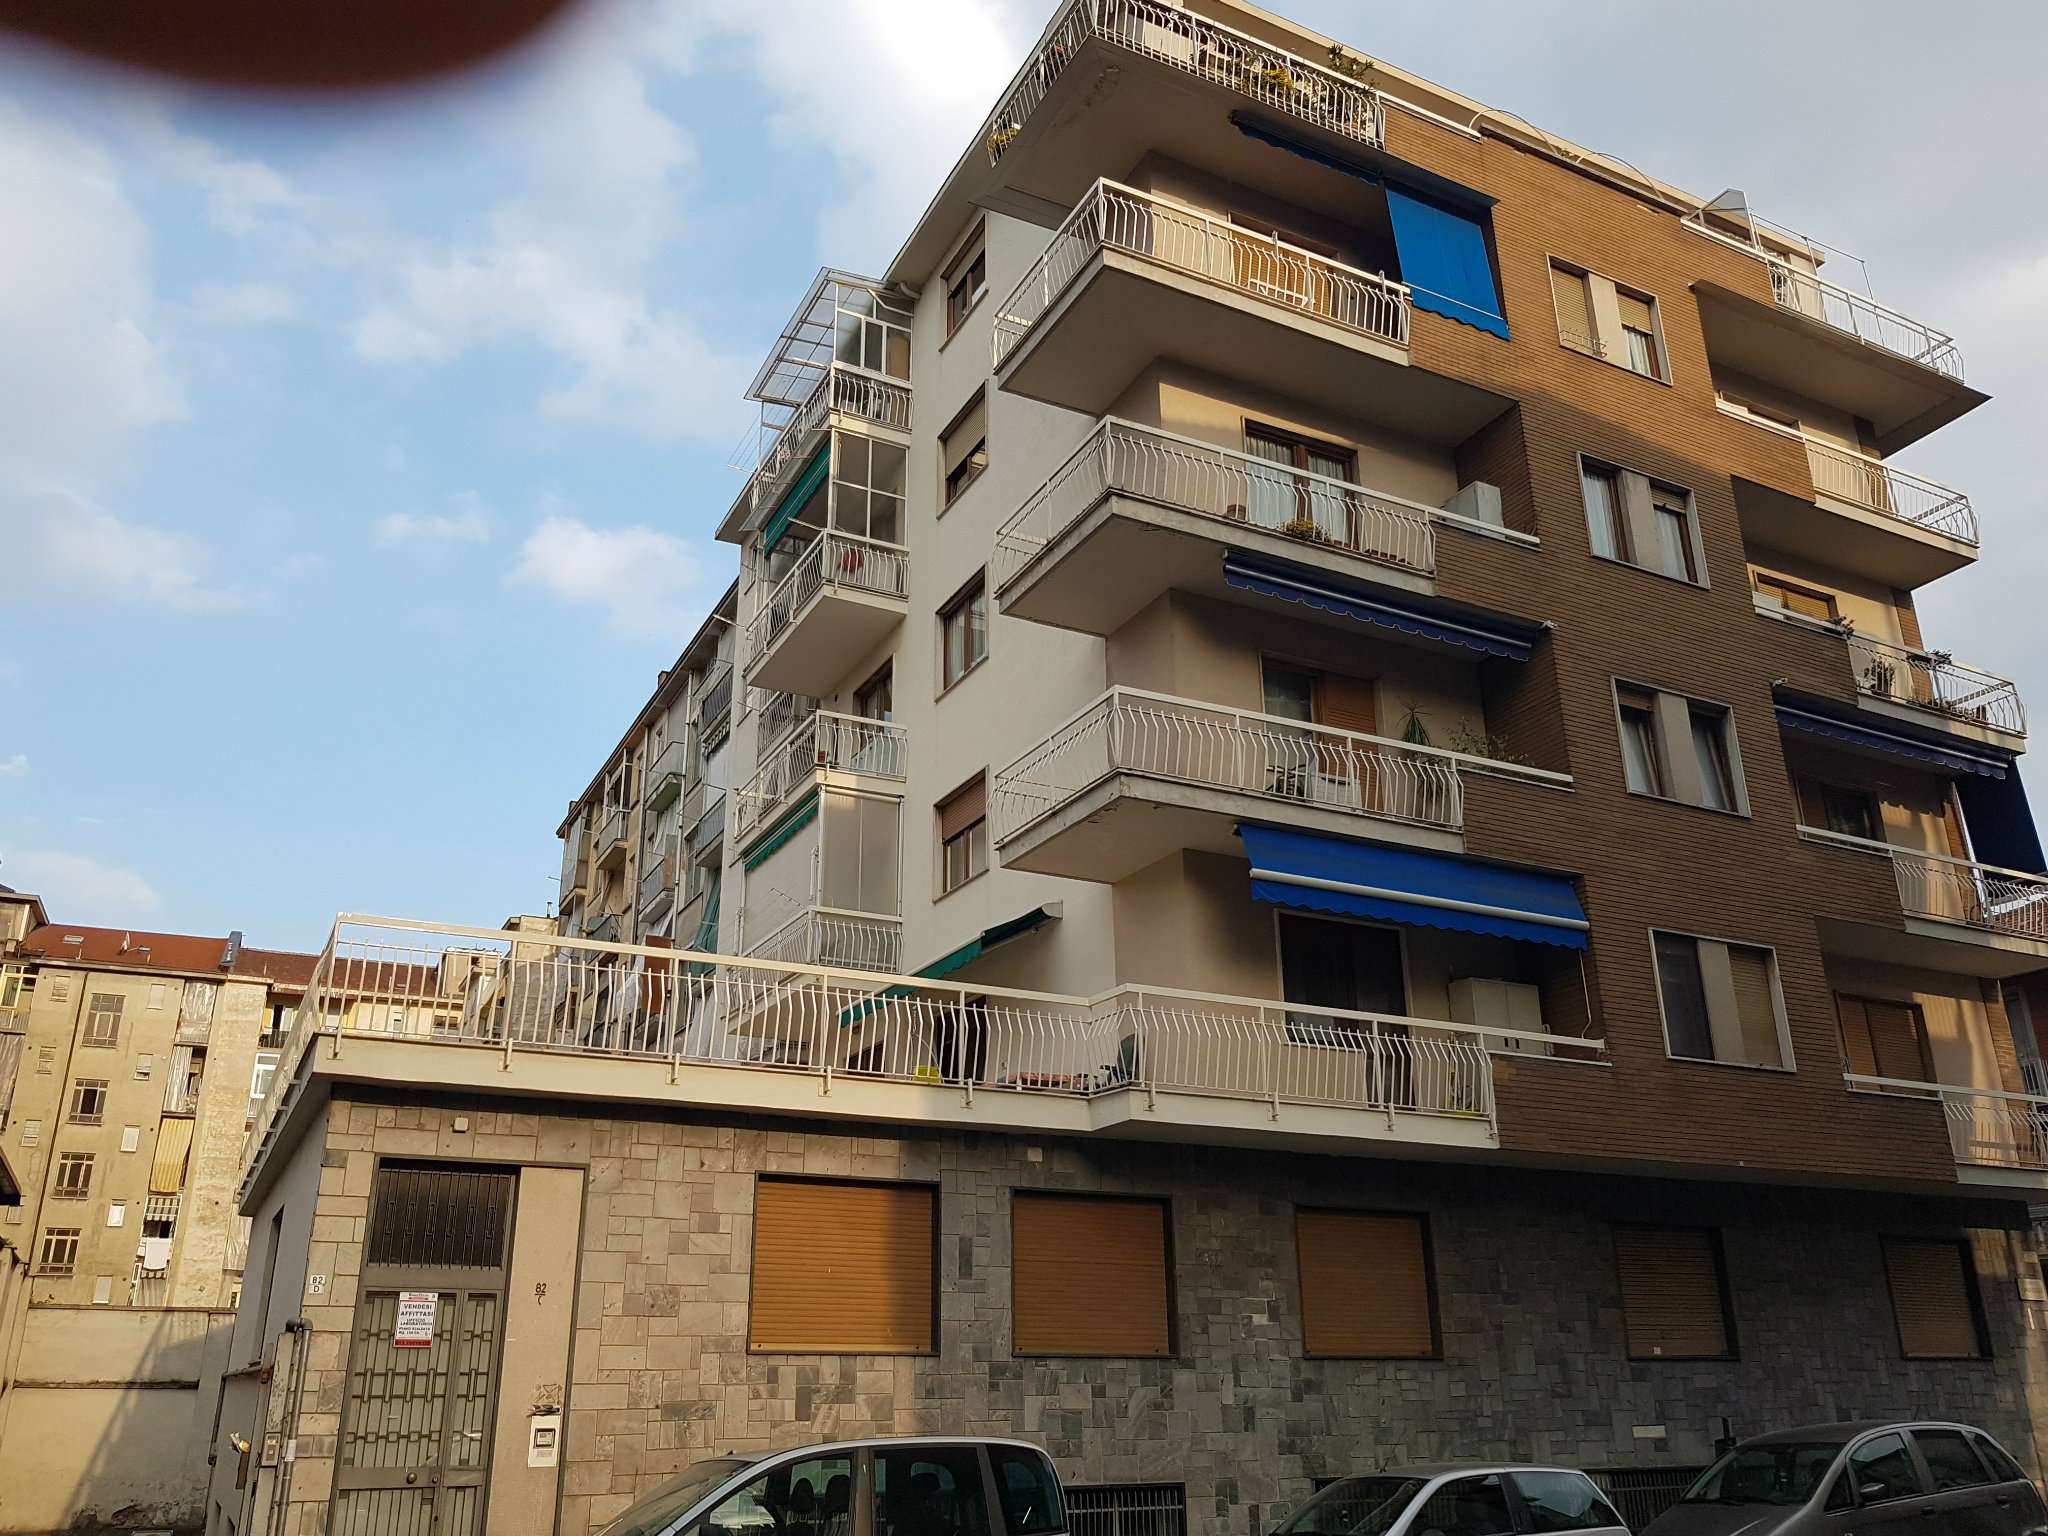 Vendita - Appartamento - Torino - TERRAZZO 110 MQ. OTTIMO TRILOCALE RISTRUTTURATO